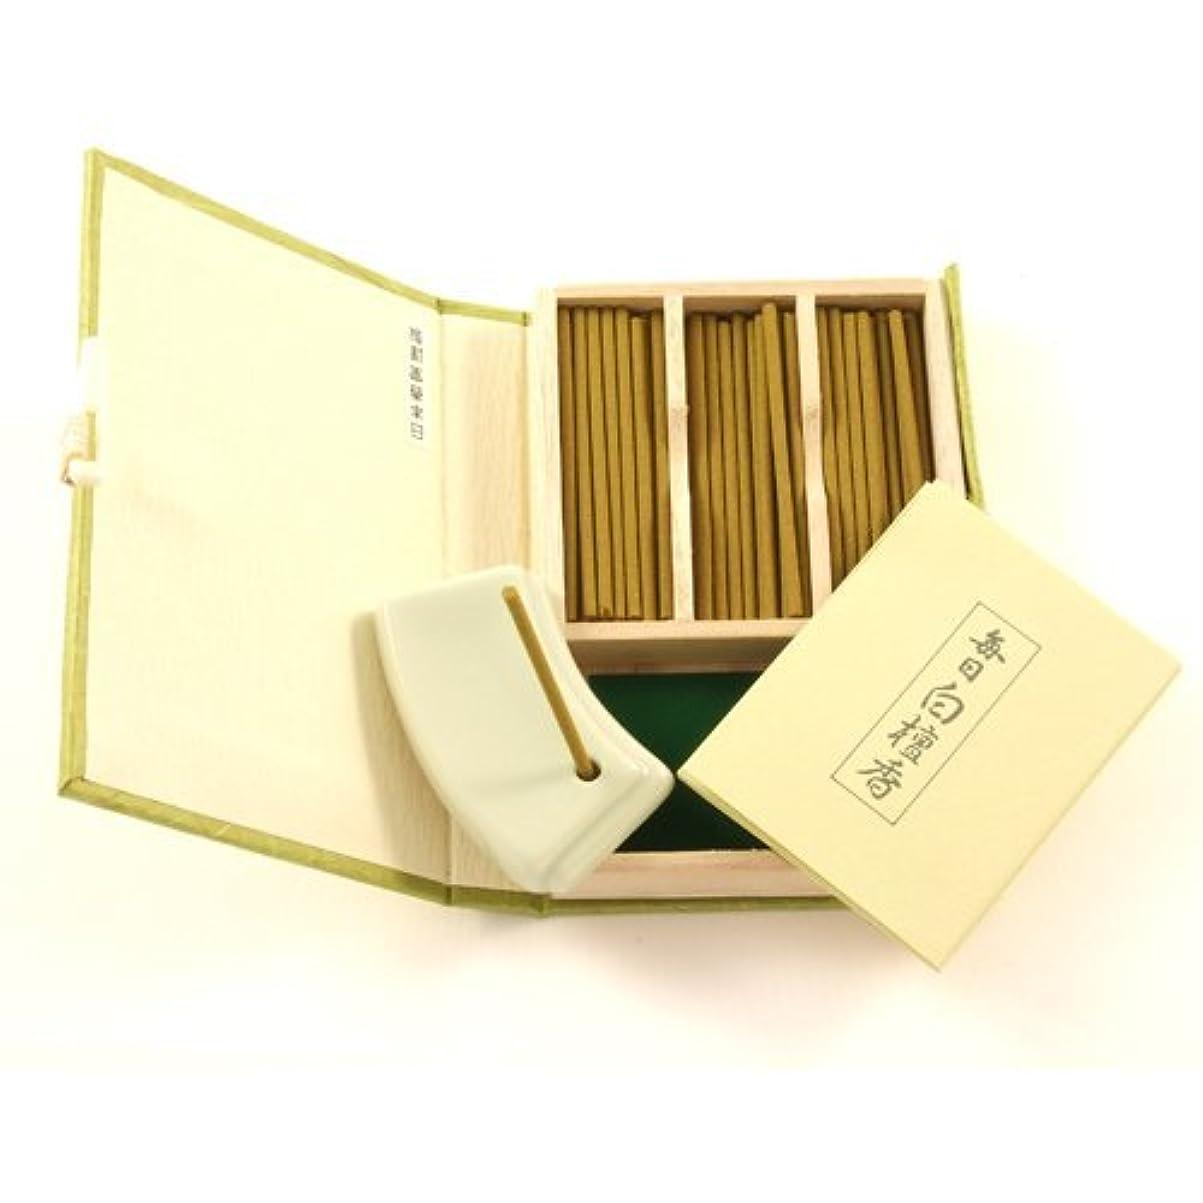 憂慮すべき消費脅迫Japanese Sandalwood Incense Gift Set Mainichi Byakudan by Nippon [並行輸入品]